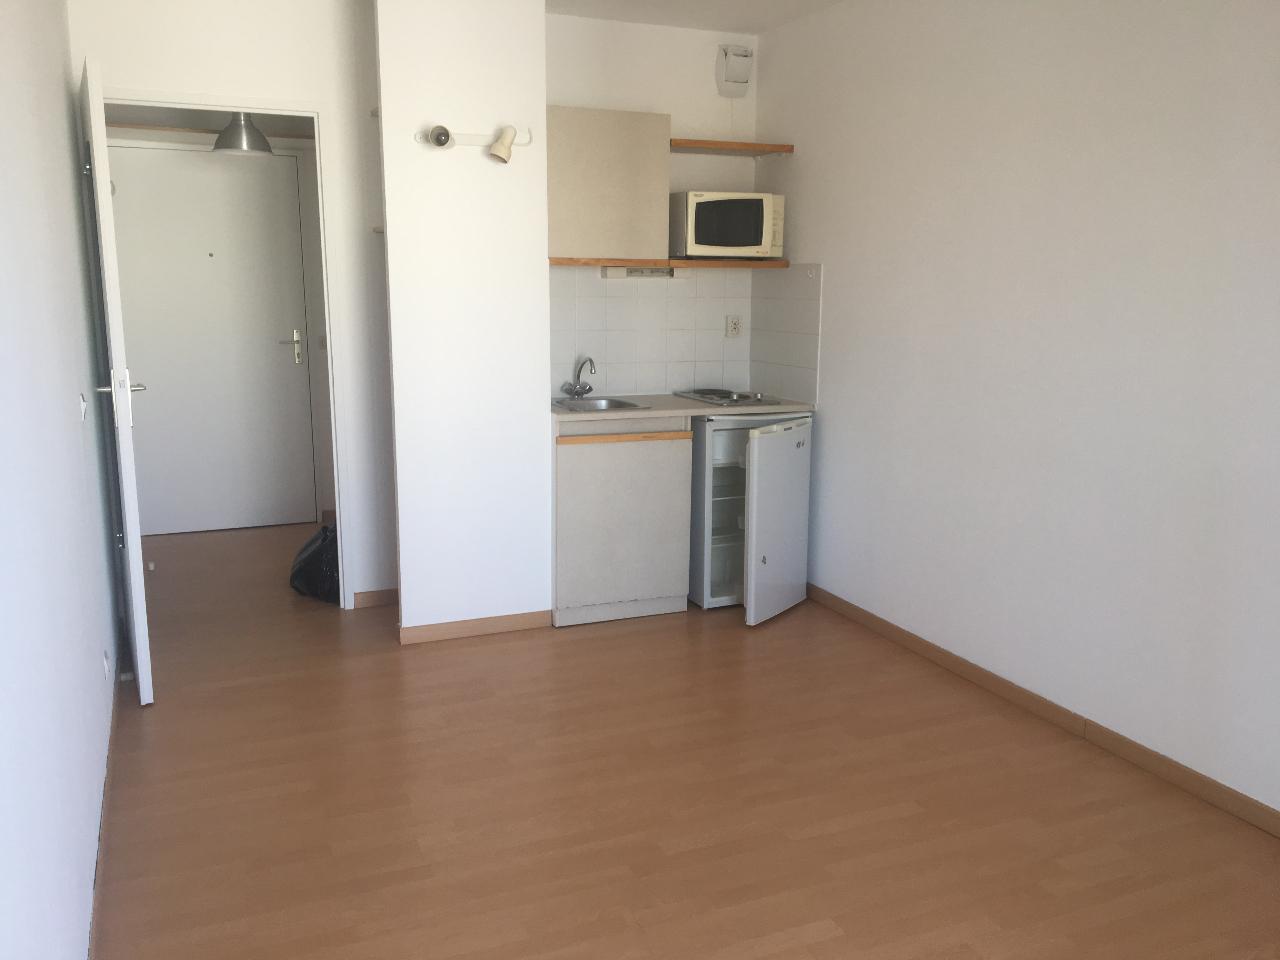 Vente Appartement 1 pièces MARSEILLE 013